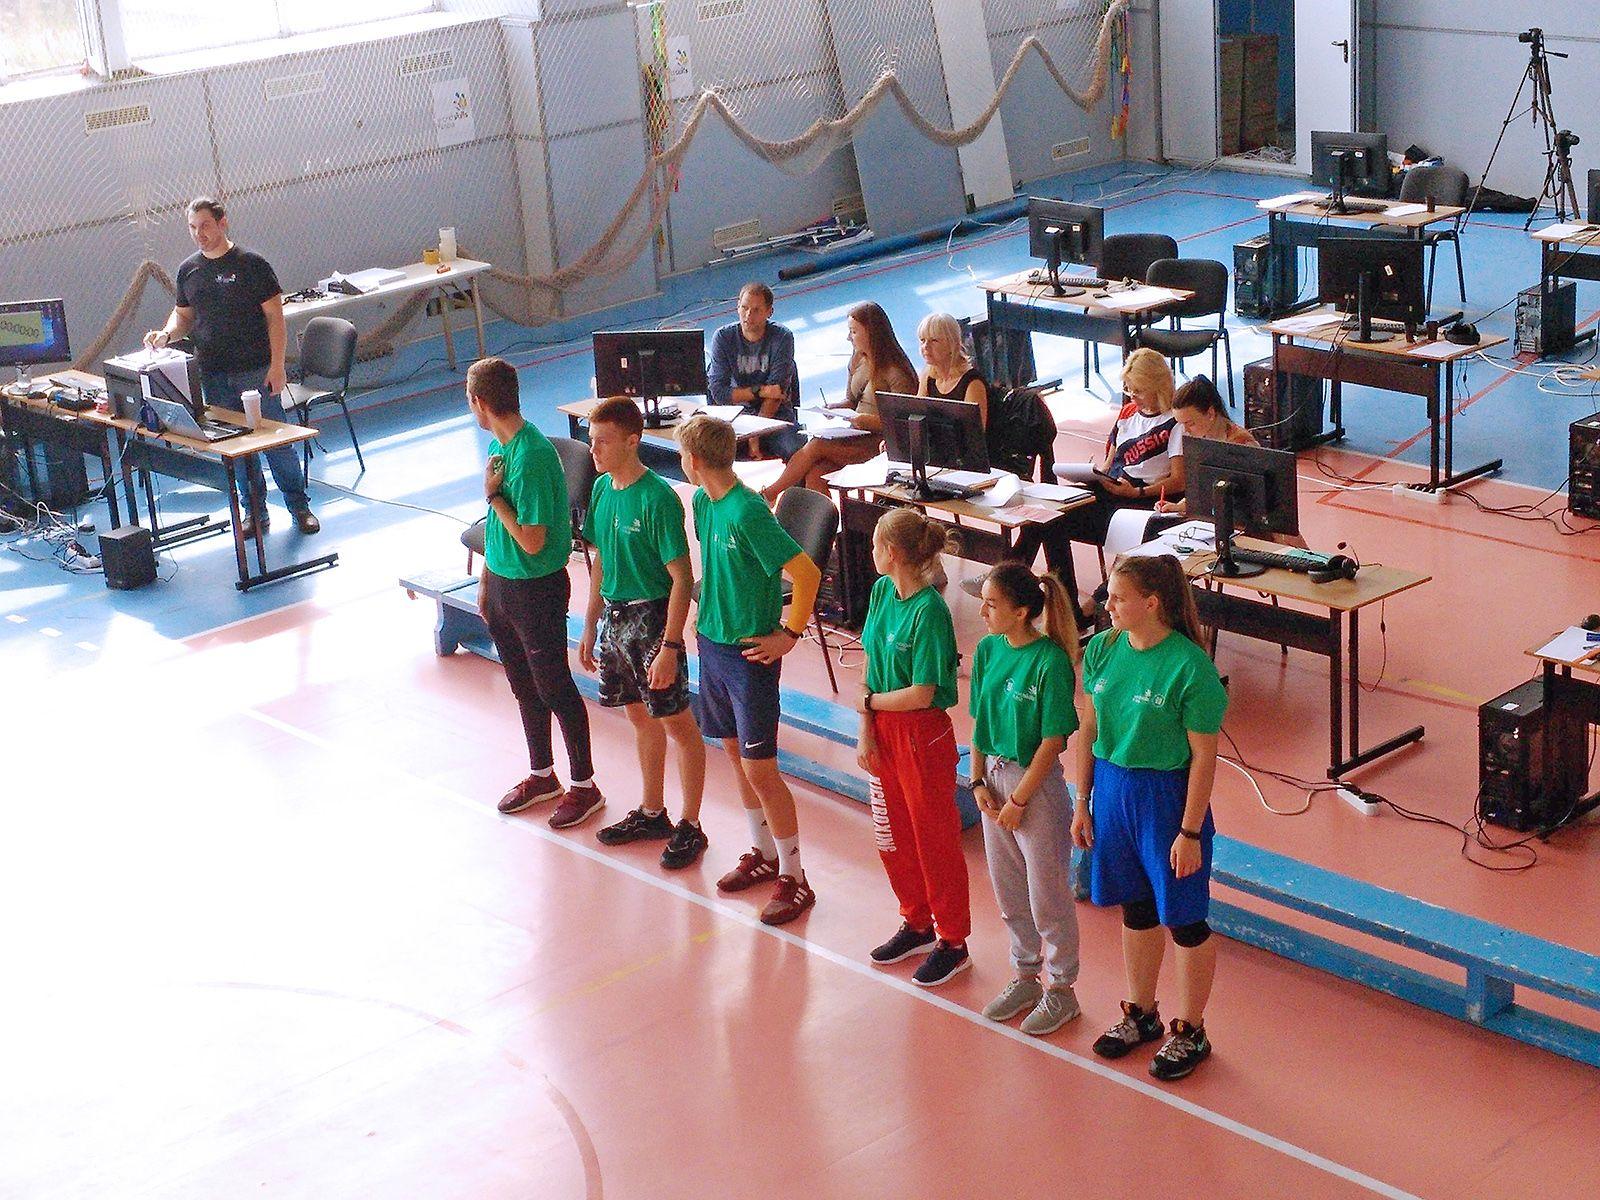 Демонстрационный экзамен по стандартам WorldSkills Russia по компетенции «Физическая культура, спорт и фитнес» состоялся в КСД ВГУЭС